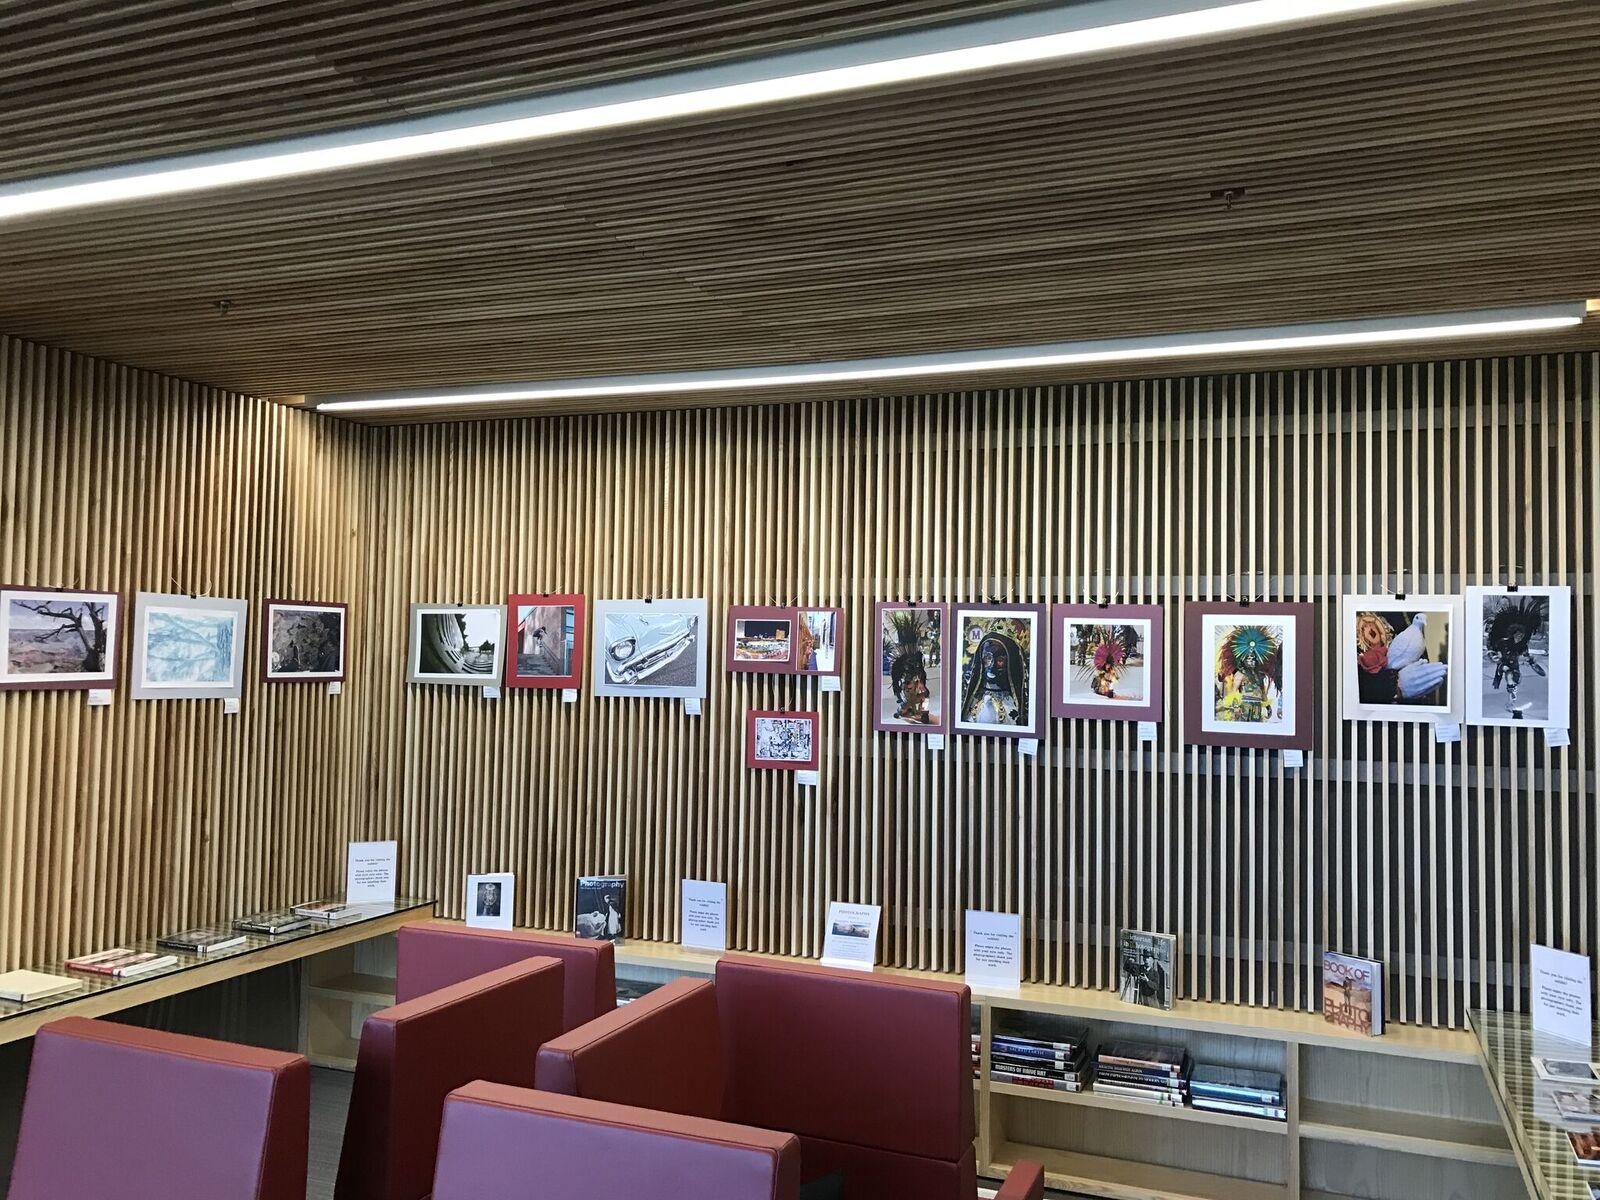 Student photography exhibit